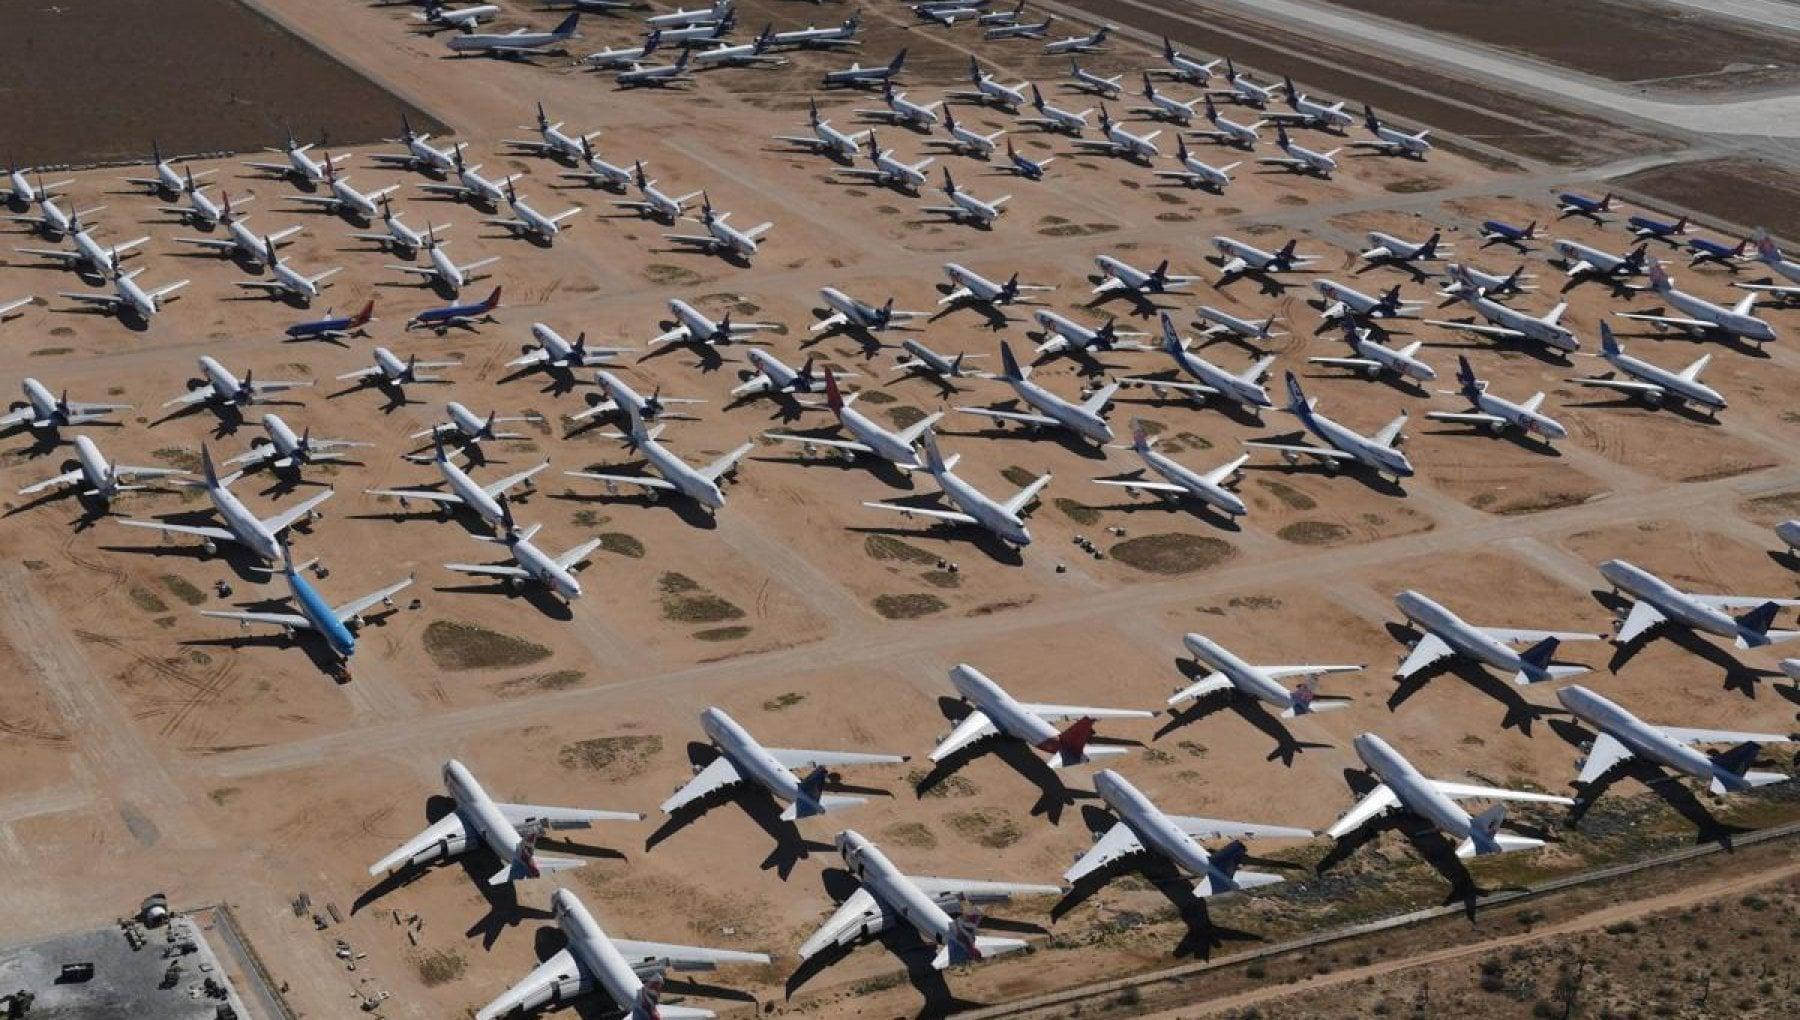 Insetti nei tubi spie guaste piloti arrugginiti una mare di guai per gli aerei che tornano a volare